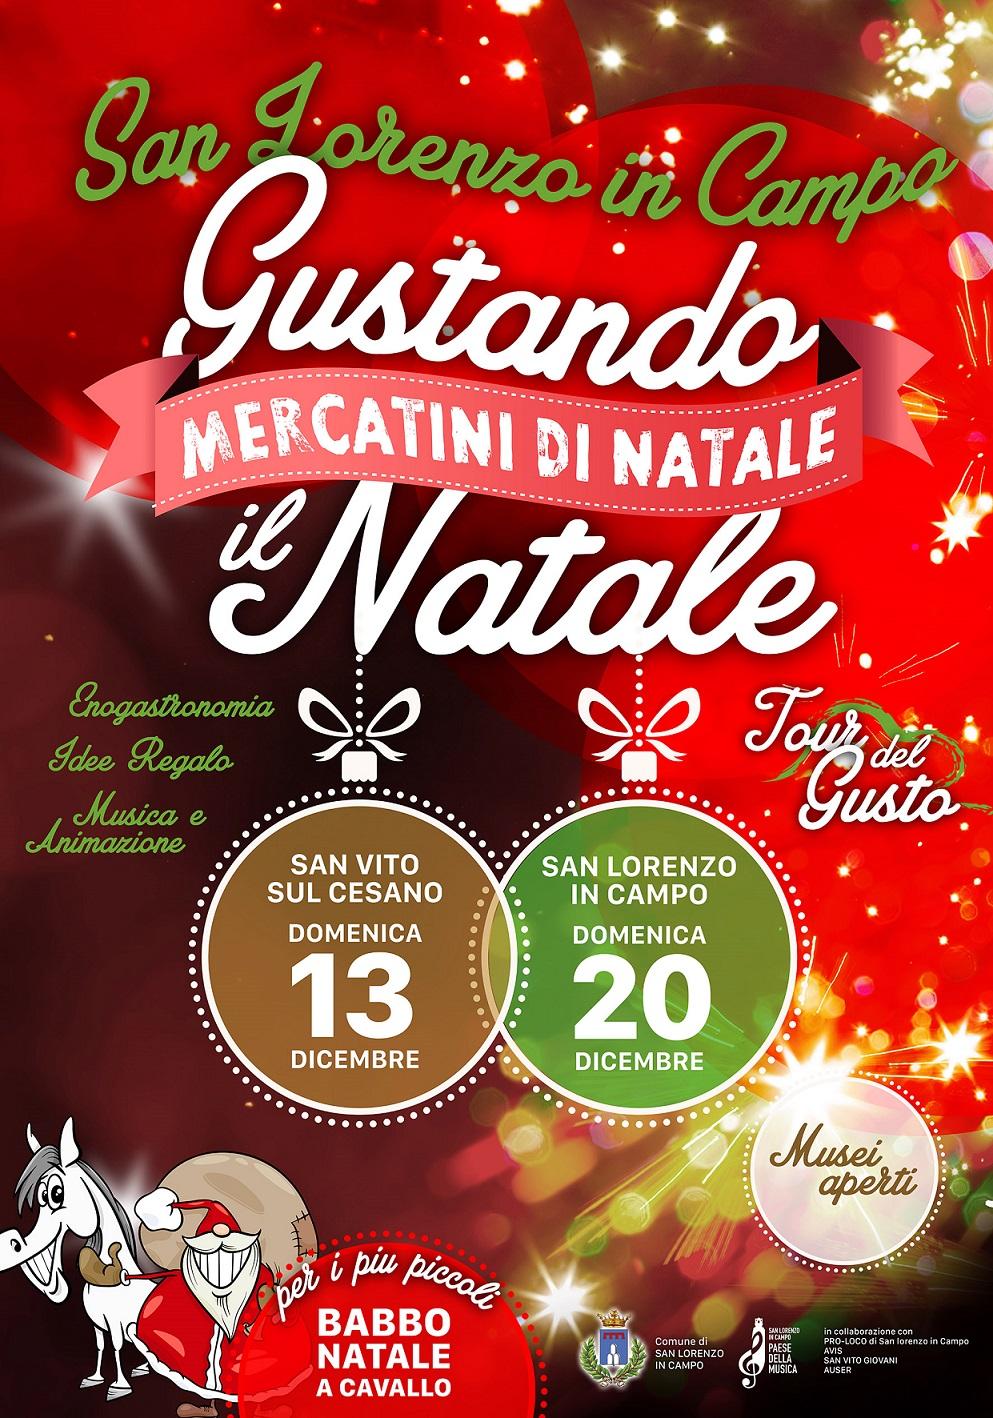 GUSTANDO_IL_NATALE-san-lorenzo-in-campo